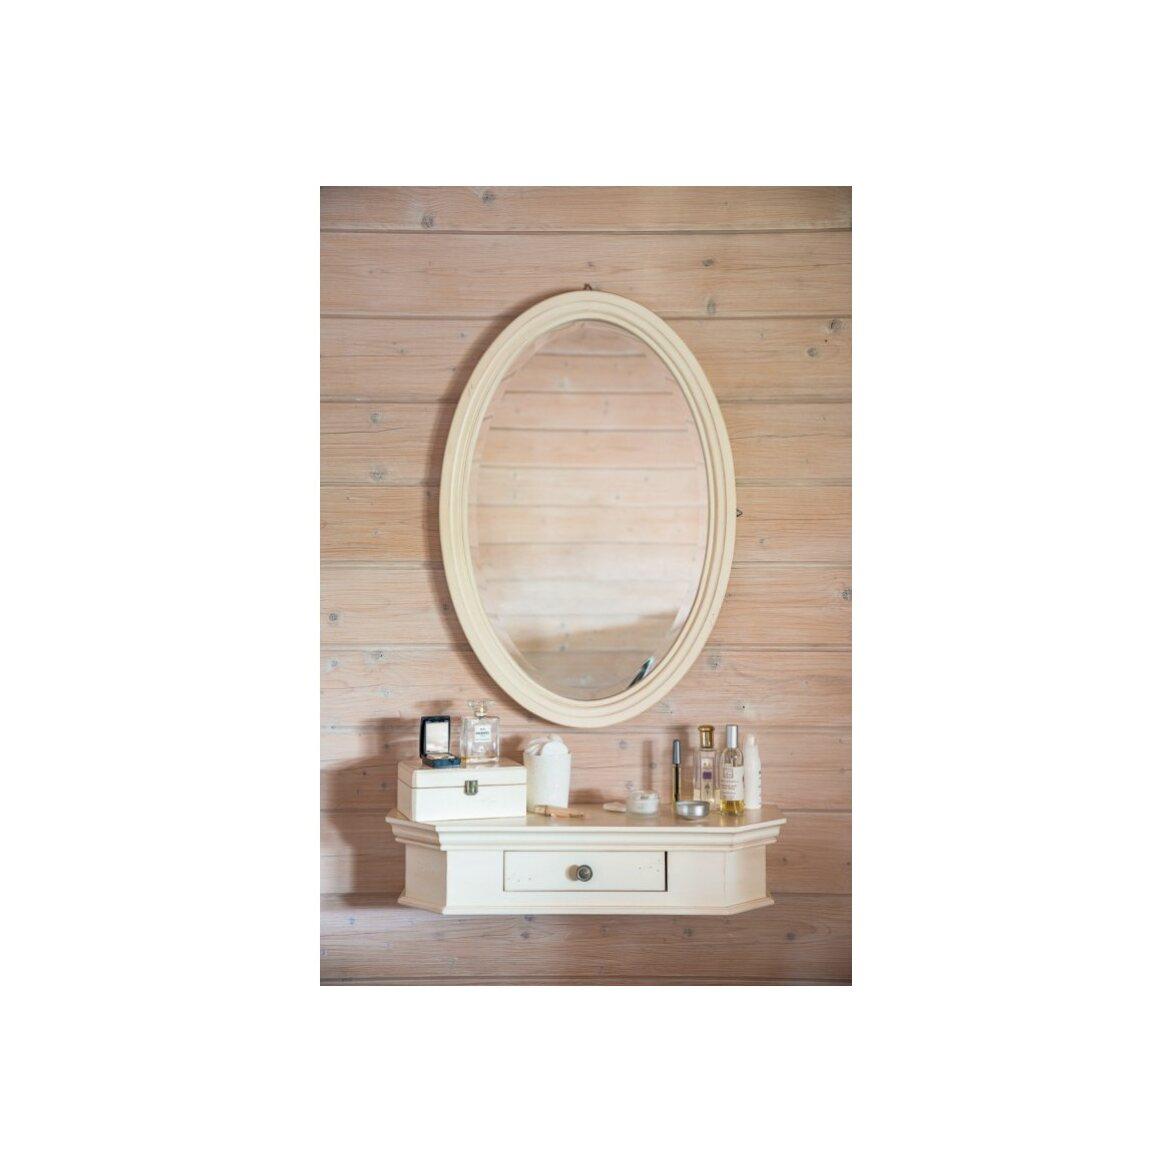 Овальное зеркало Leontina, бежевого цвета 3 | Настенные зеркала Kingsby